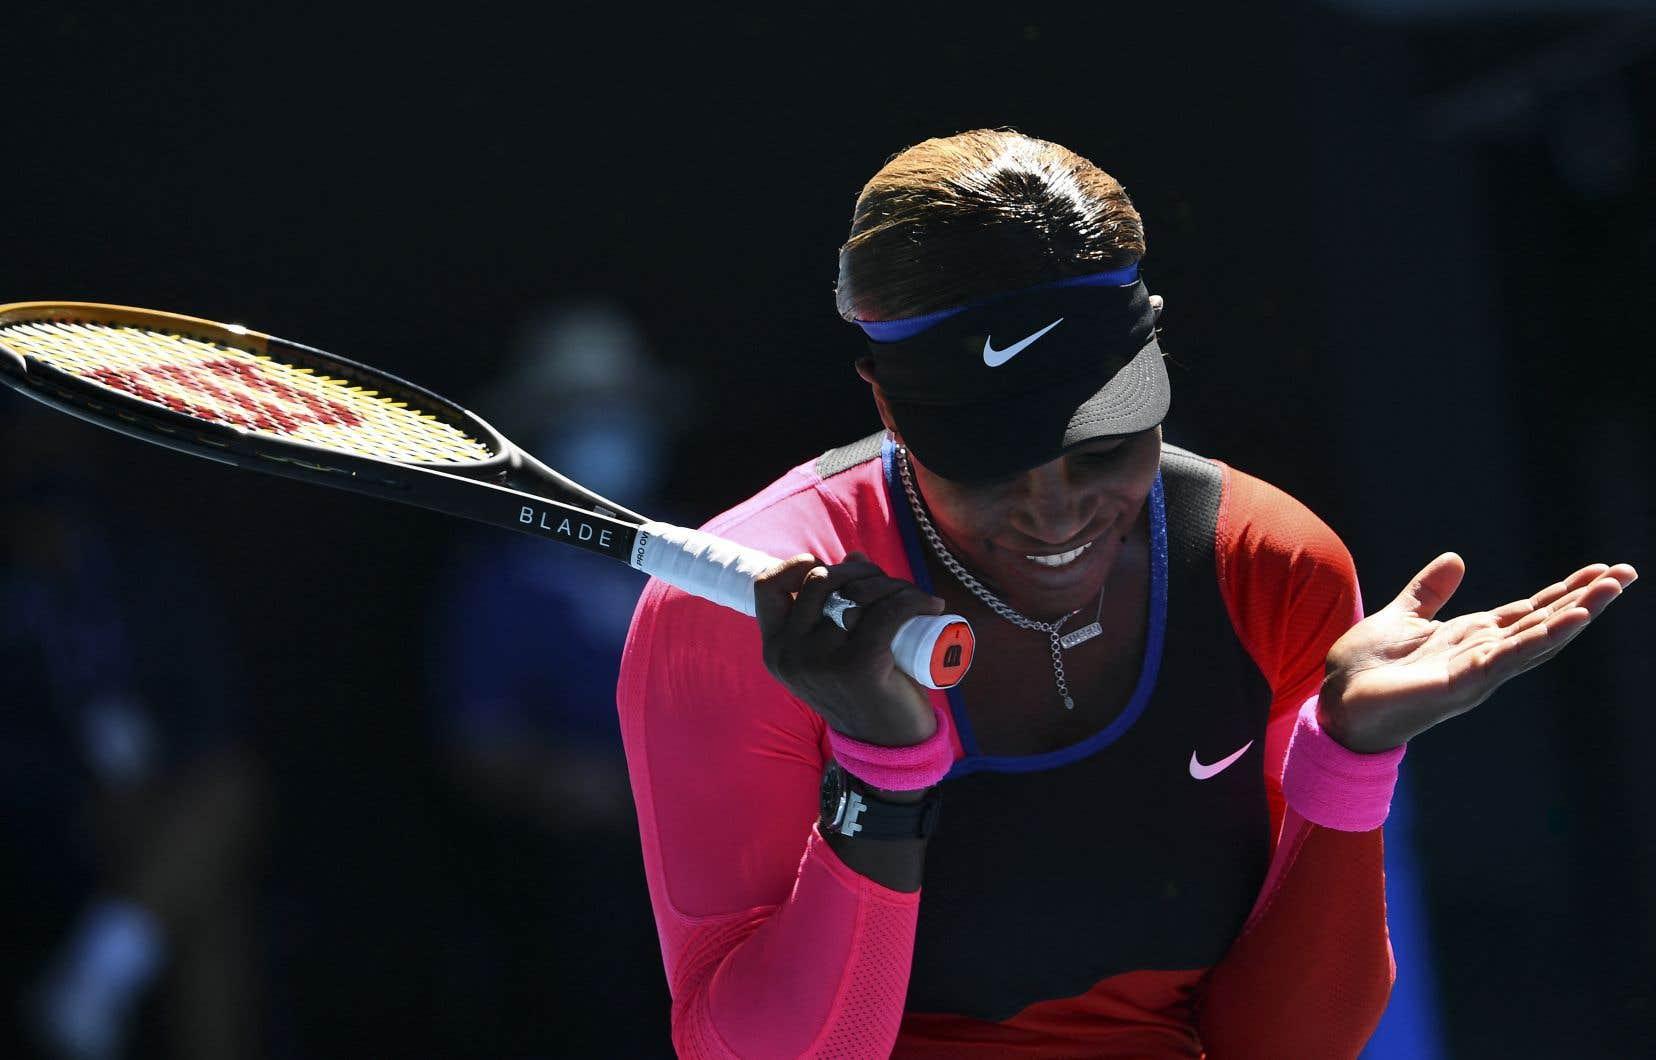 Serena Willians a été vaincue par Naomi Osaka, qui obtient ainsi son laisser-passer pour la finale des Internationaux d'Australie.